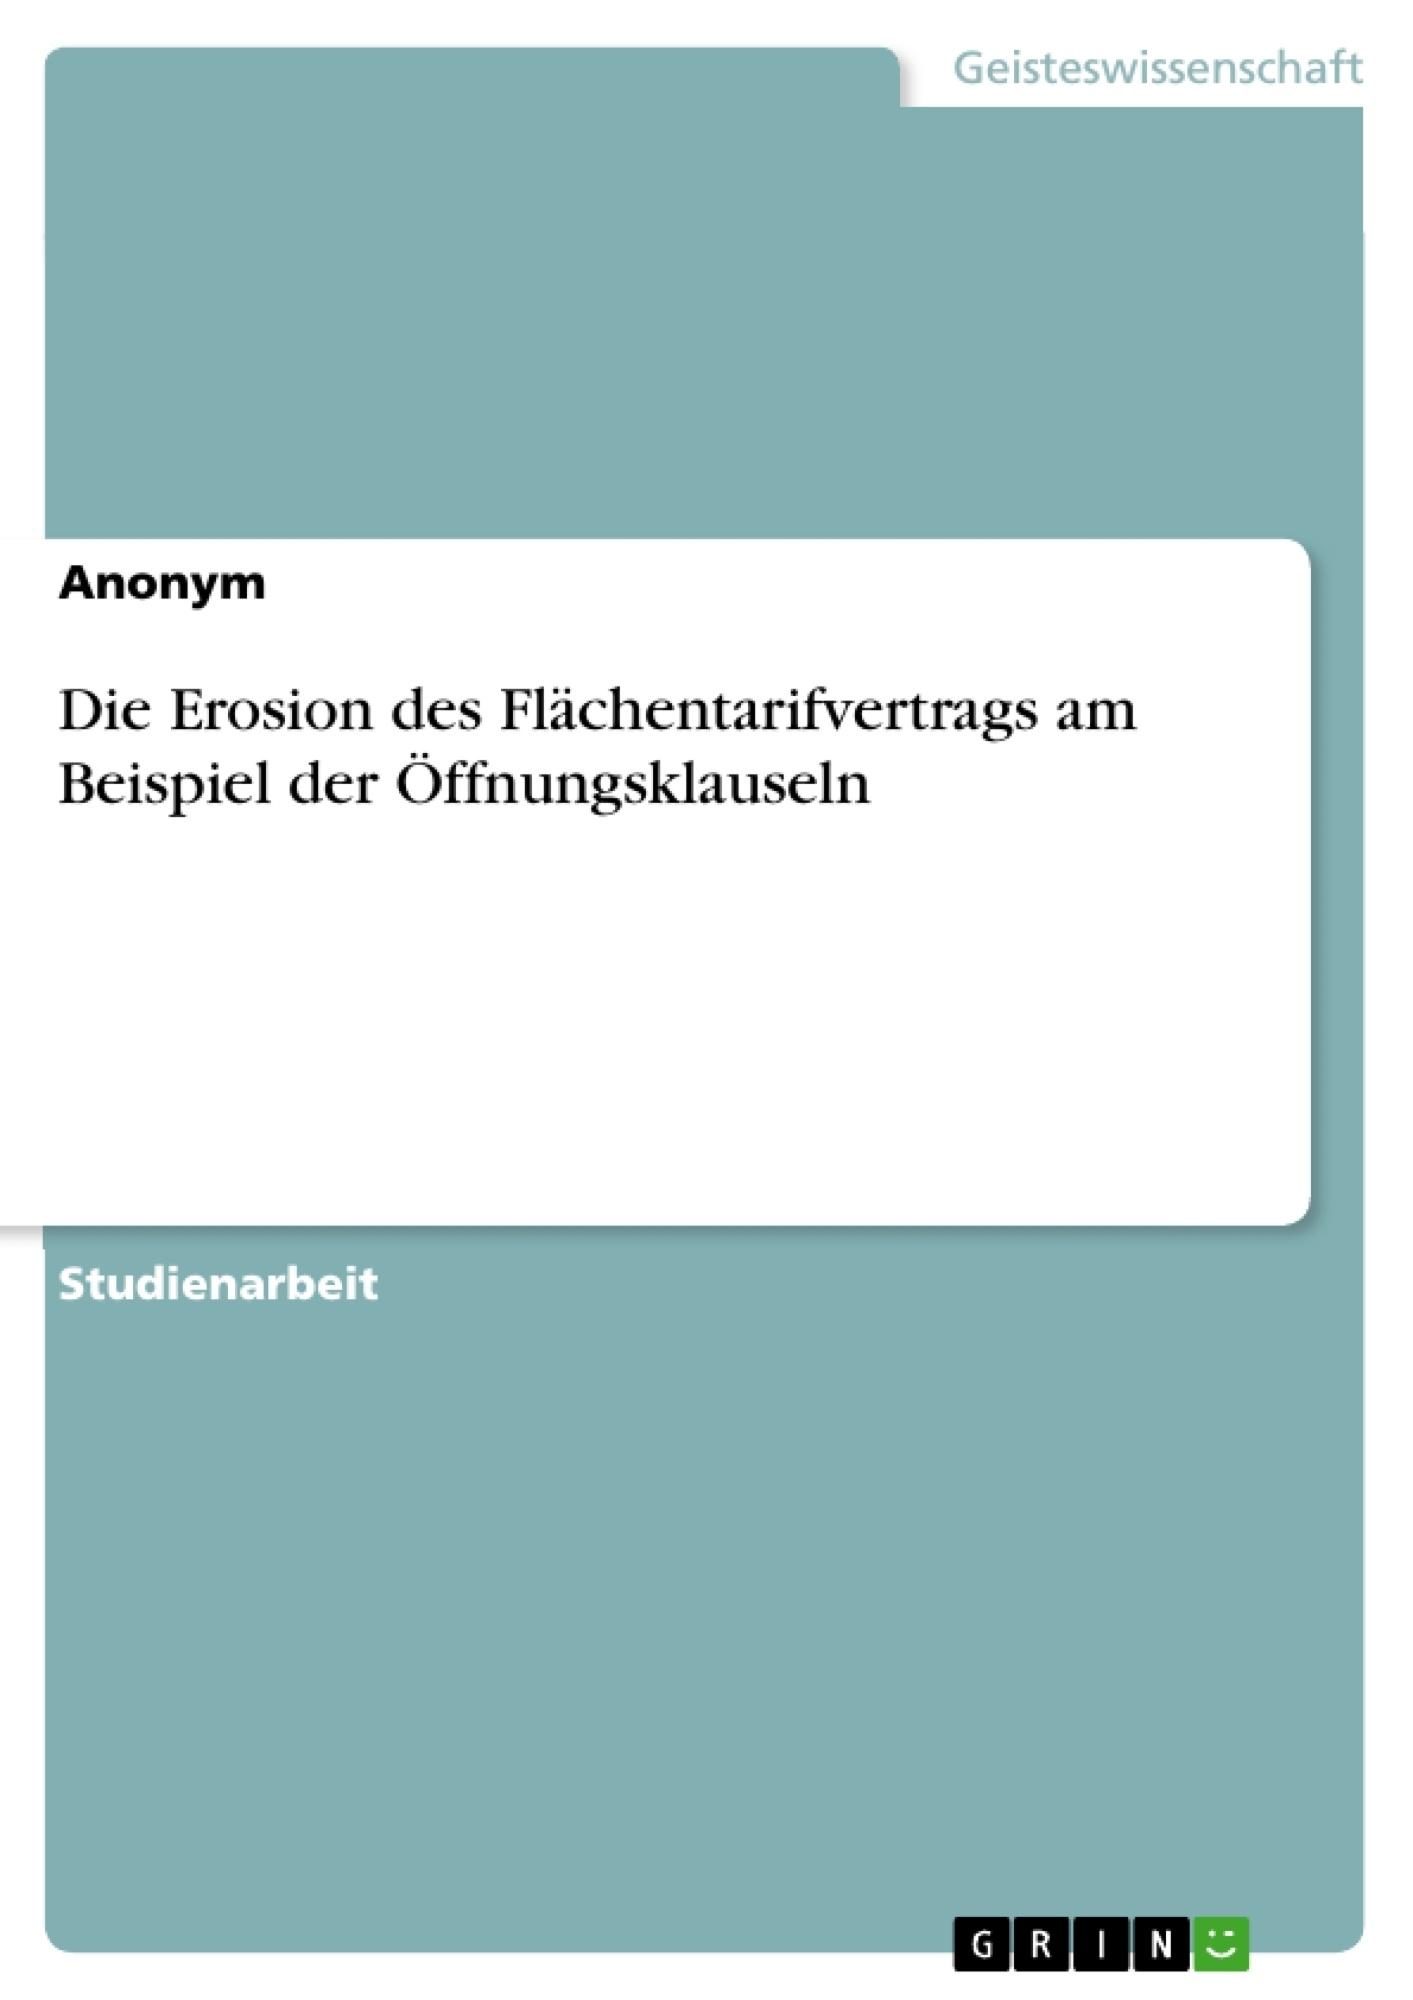 Titel: Die Erosion des Flächentarifvertrags am Beispiel der Öffnungsklauseln